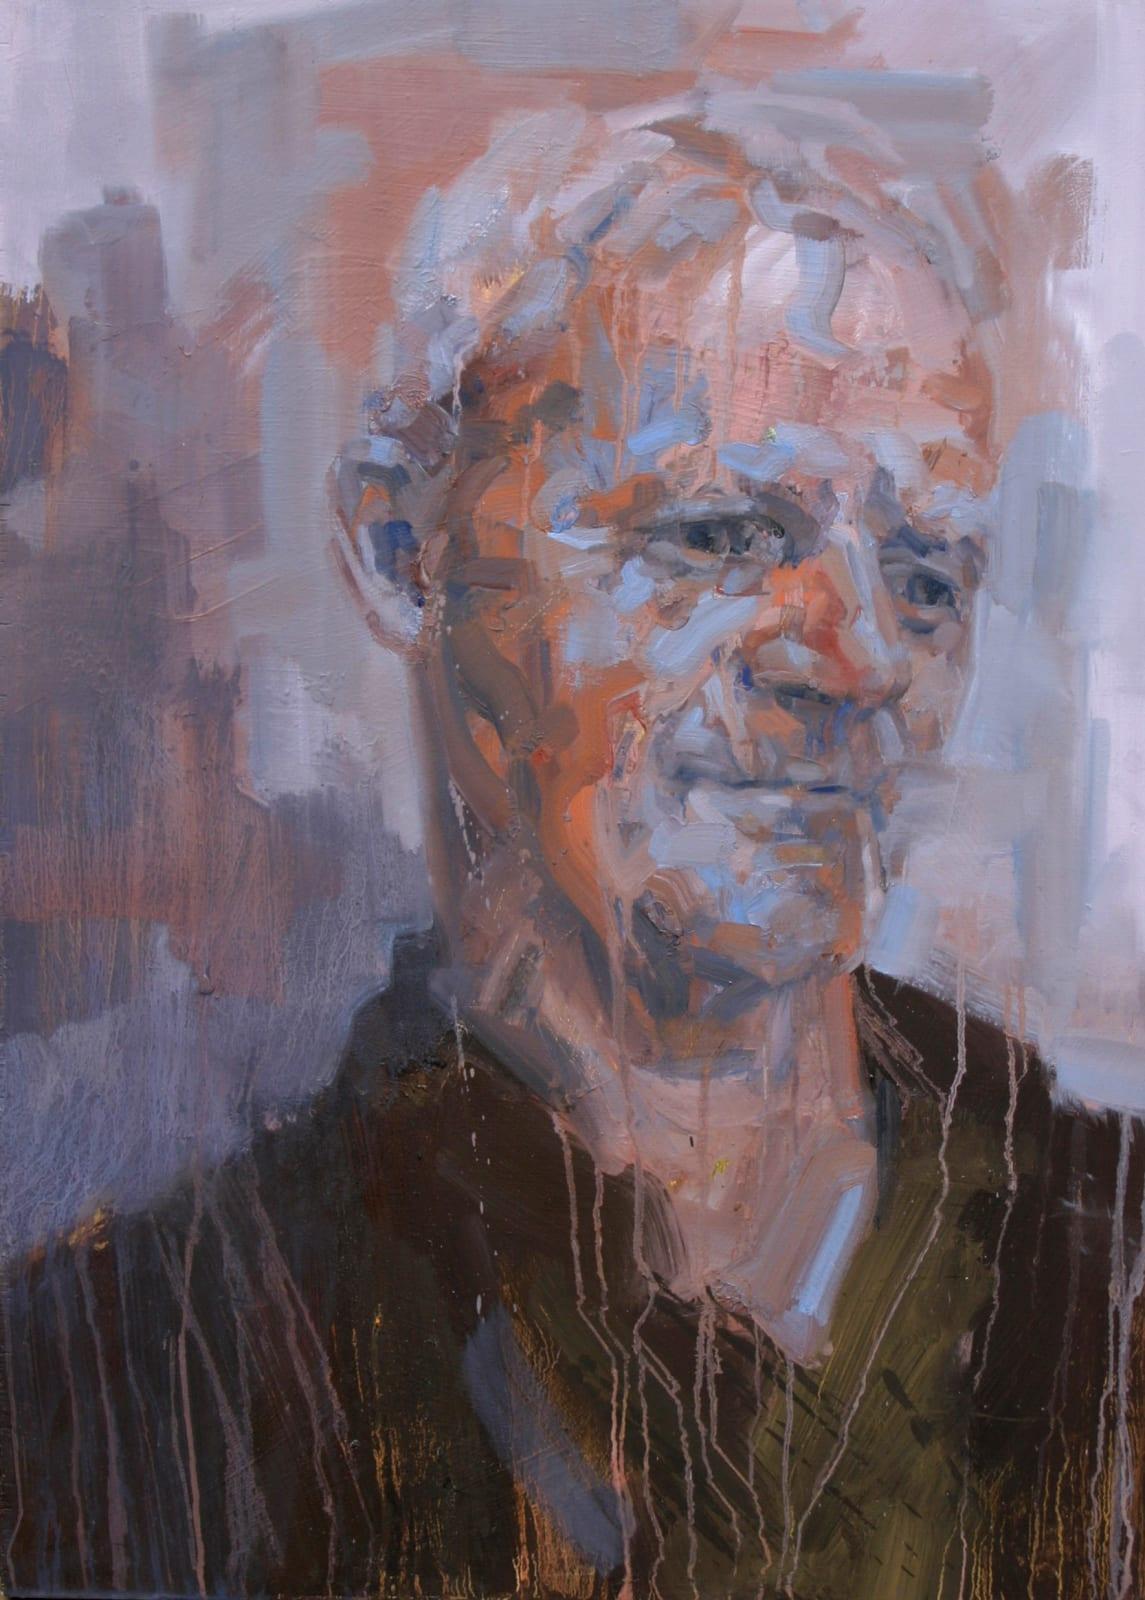 Cian McLoughlin Peter Doyle I Oil on board 73 x 53 cm